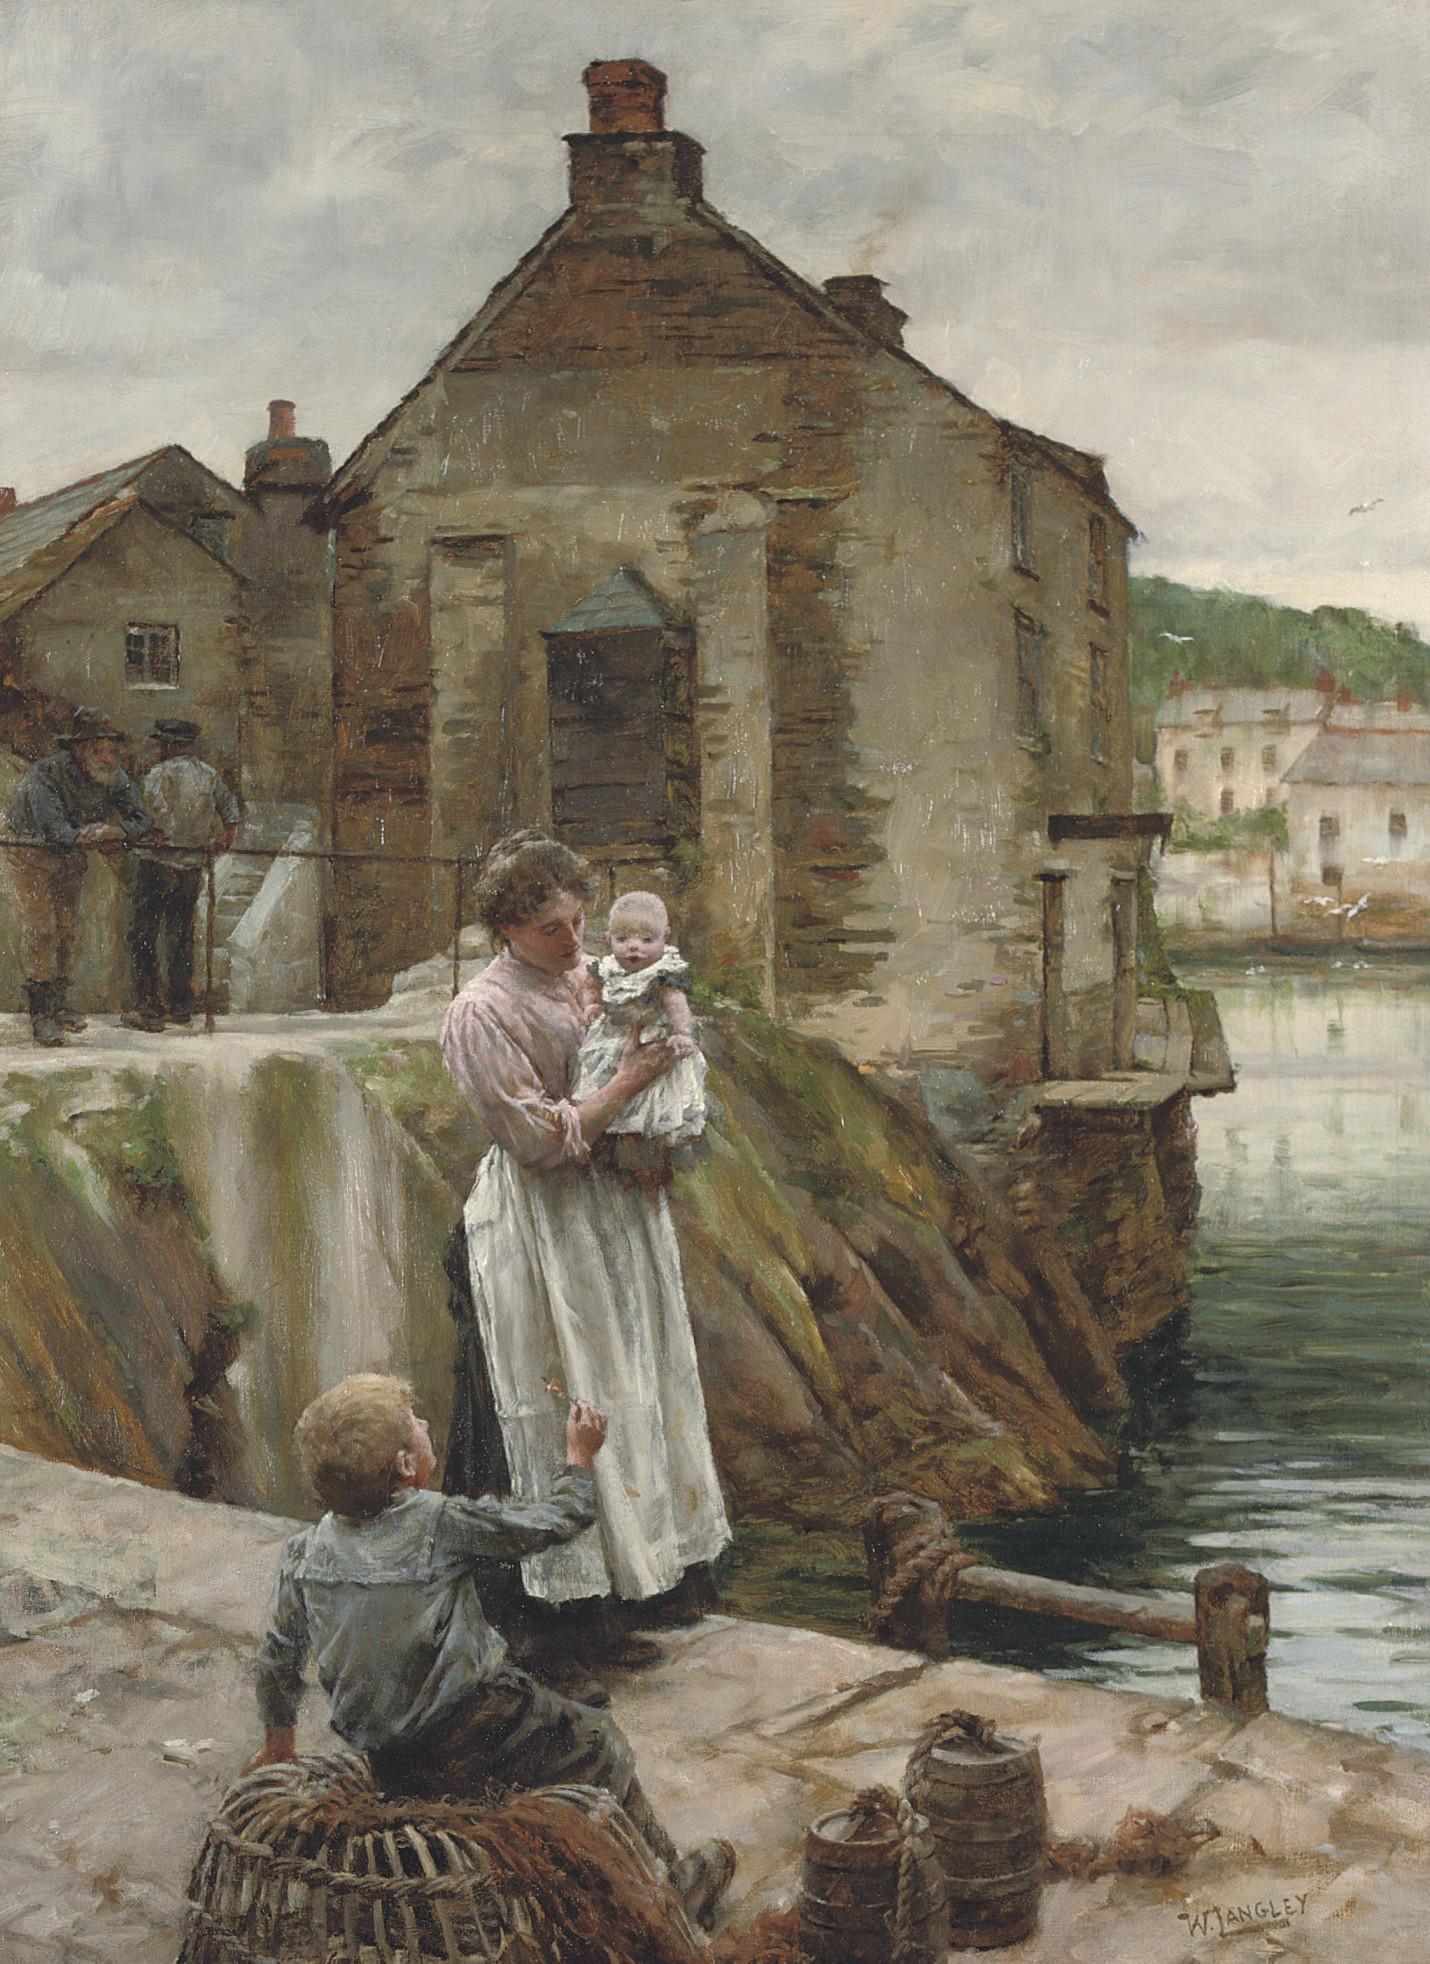 Walter Langley, R.I. (1852-1922)